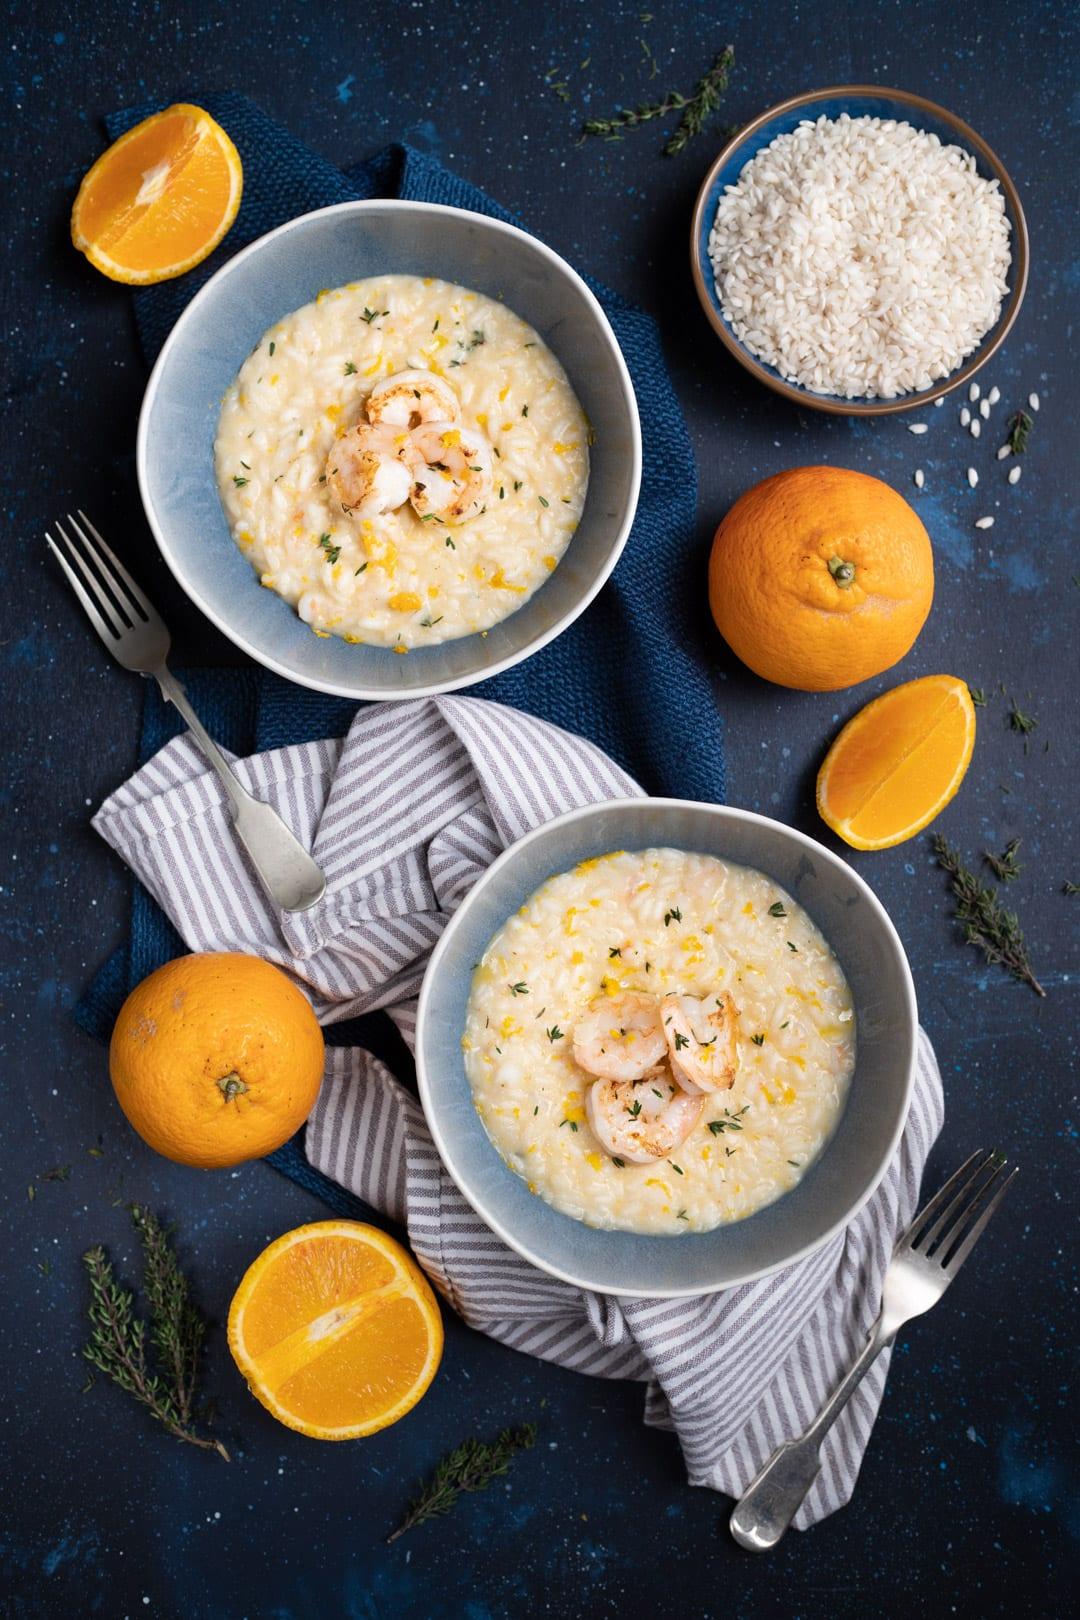 Risotto con gamberi e arancia pronto da gustare